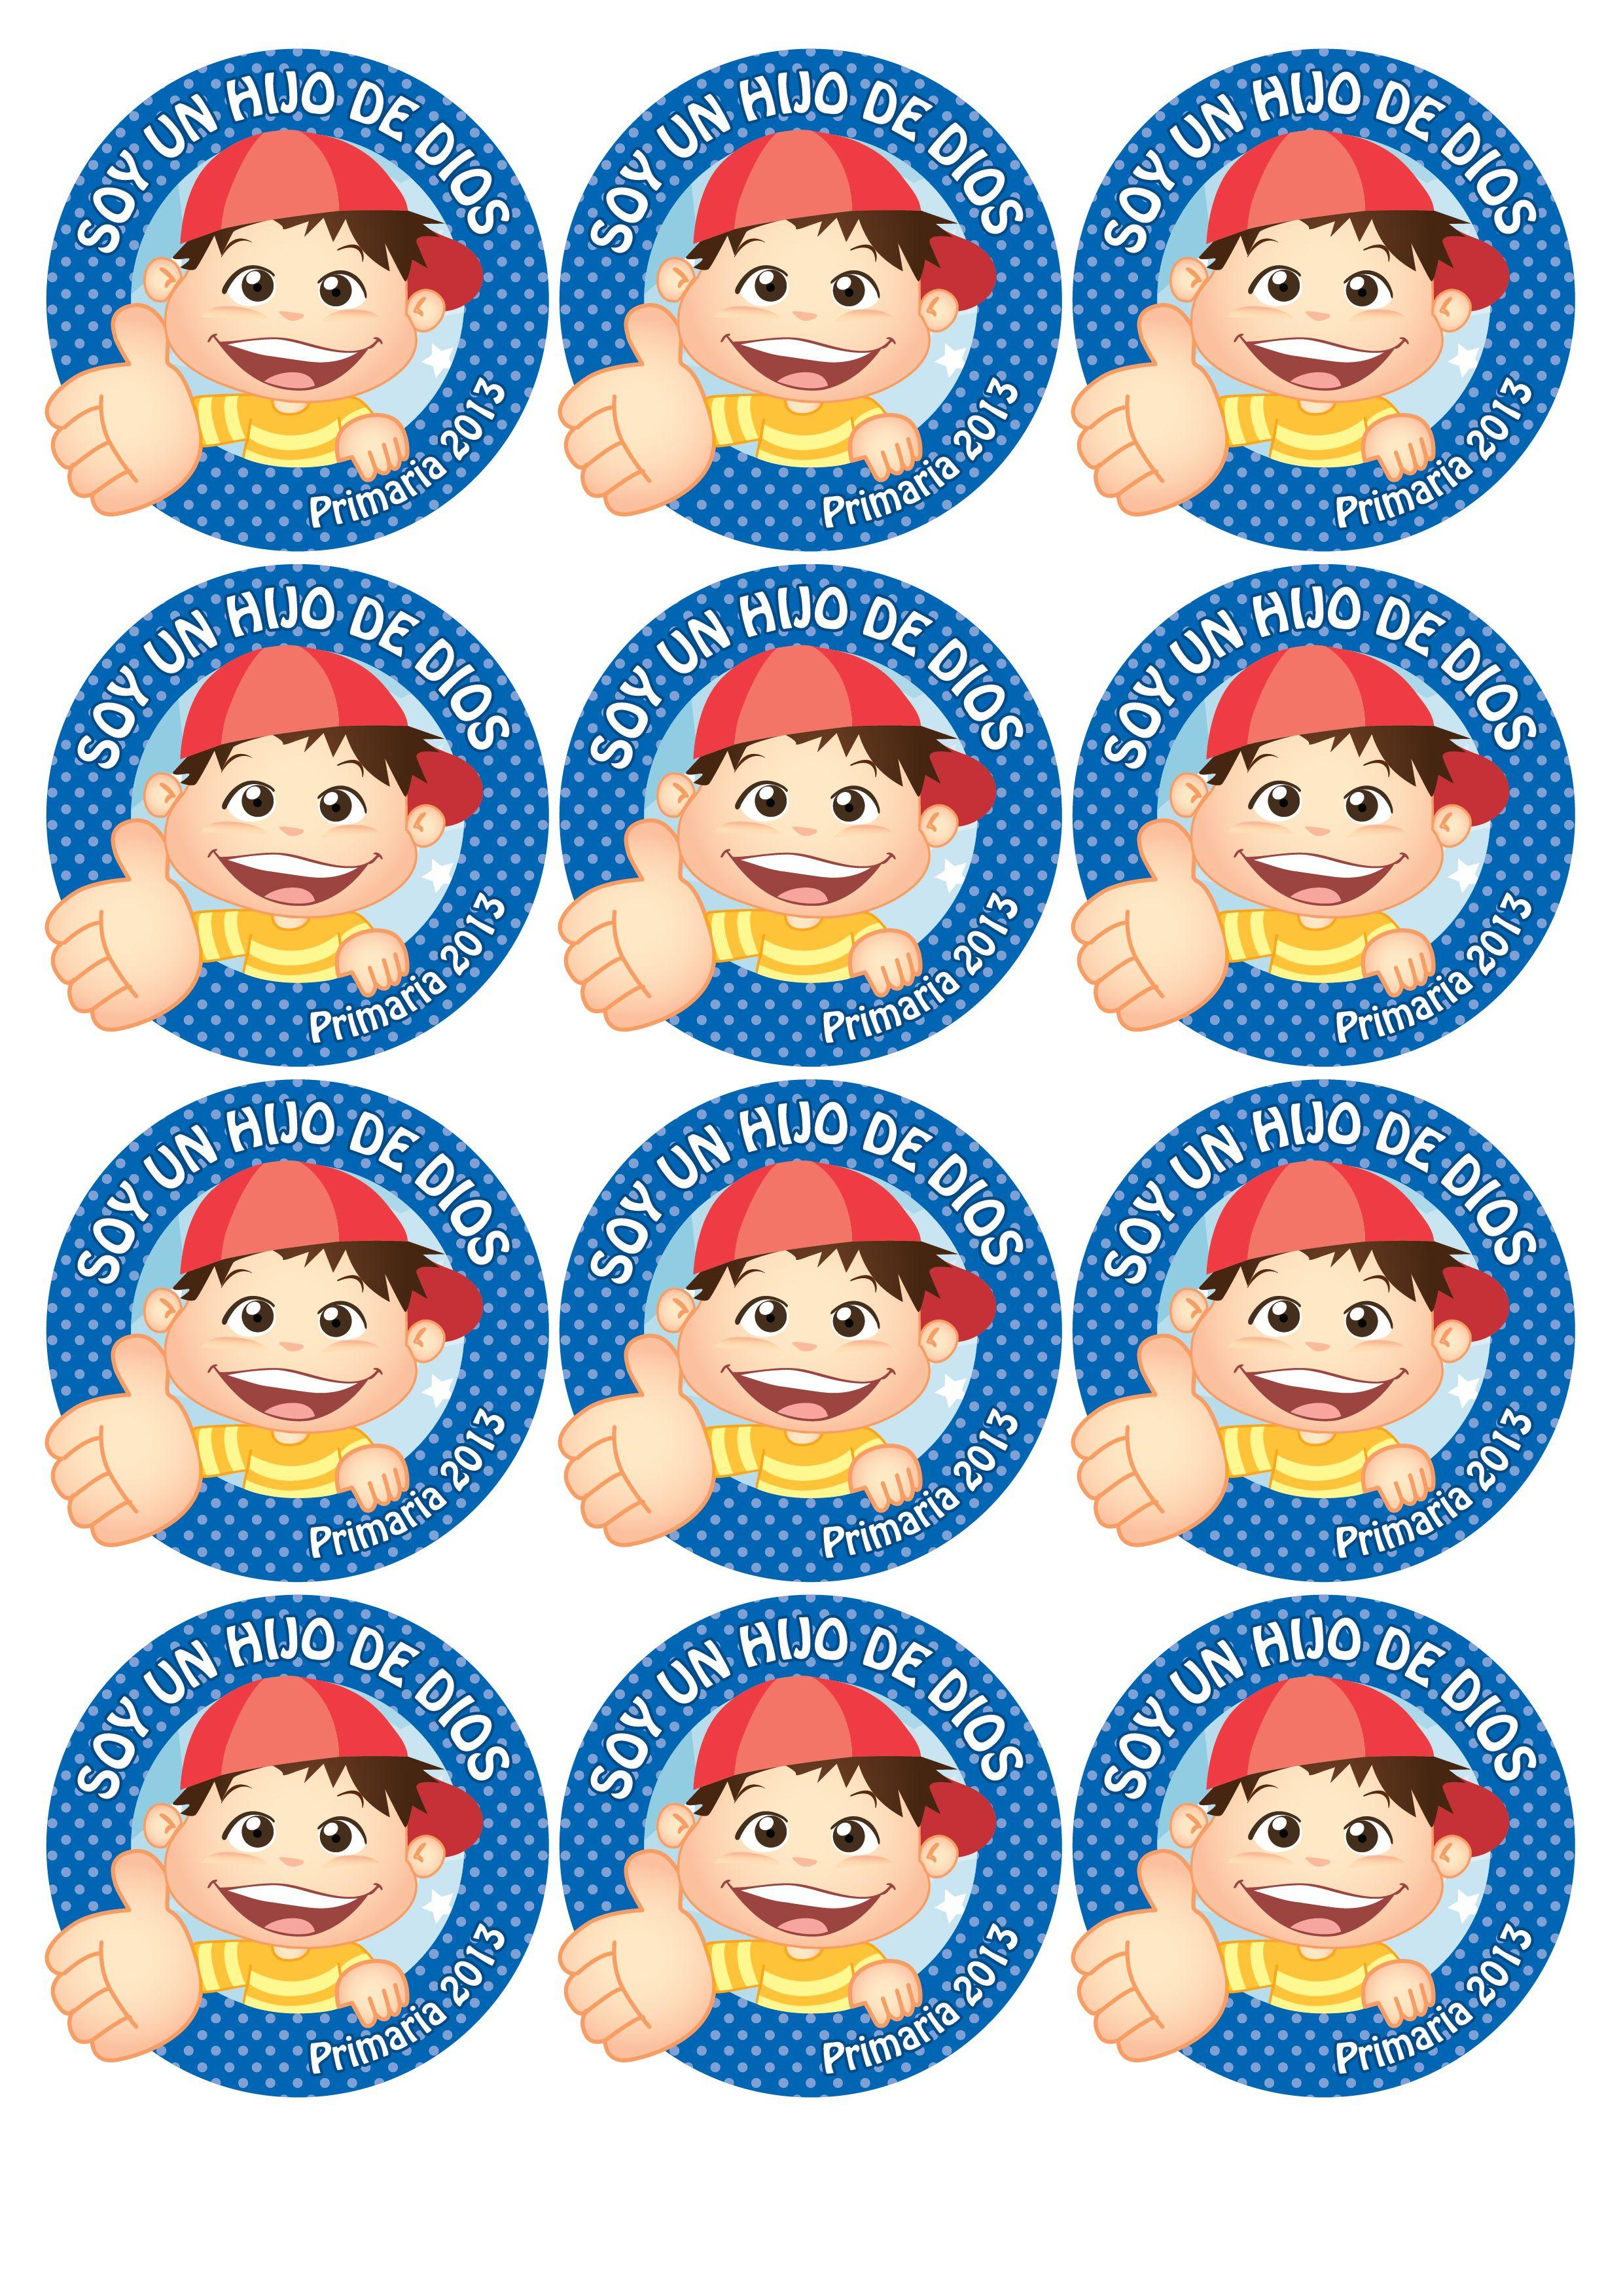 Distintivos para los niños, lo pueden usar el día de la presentación ...